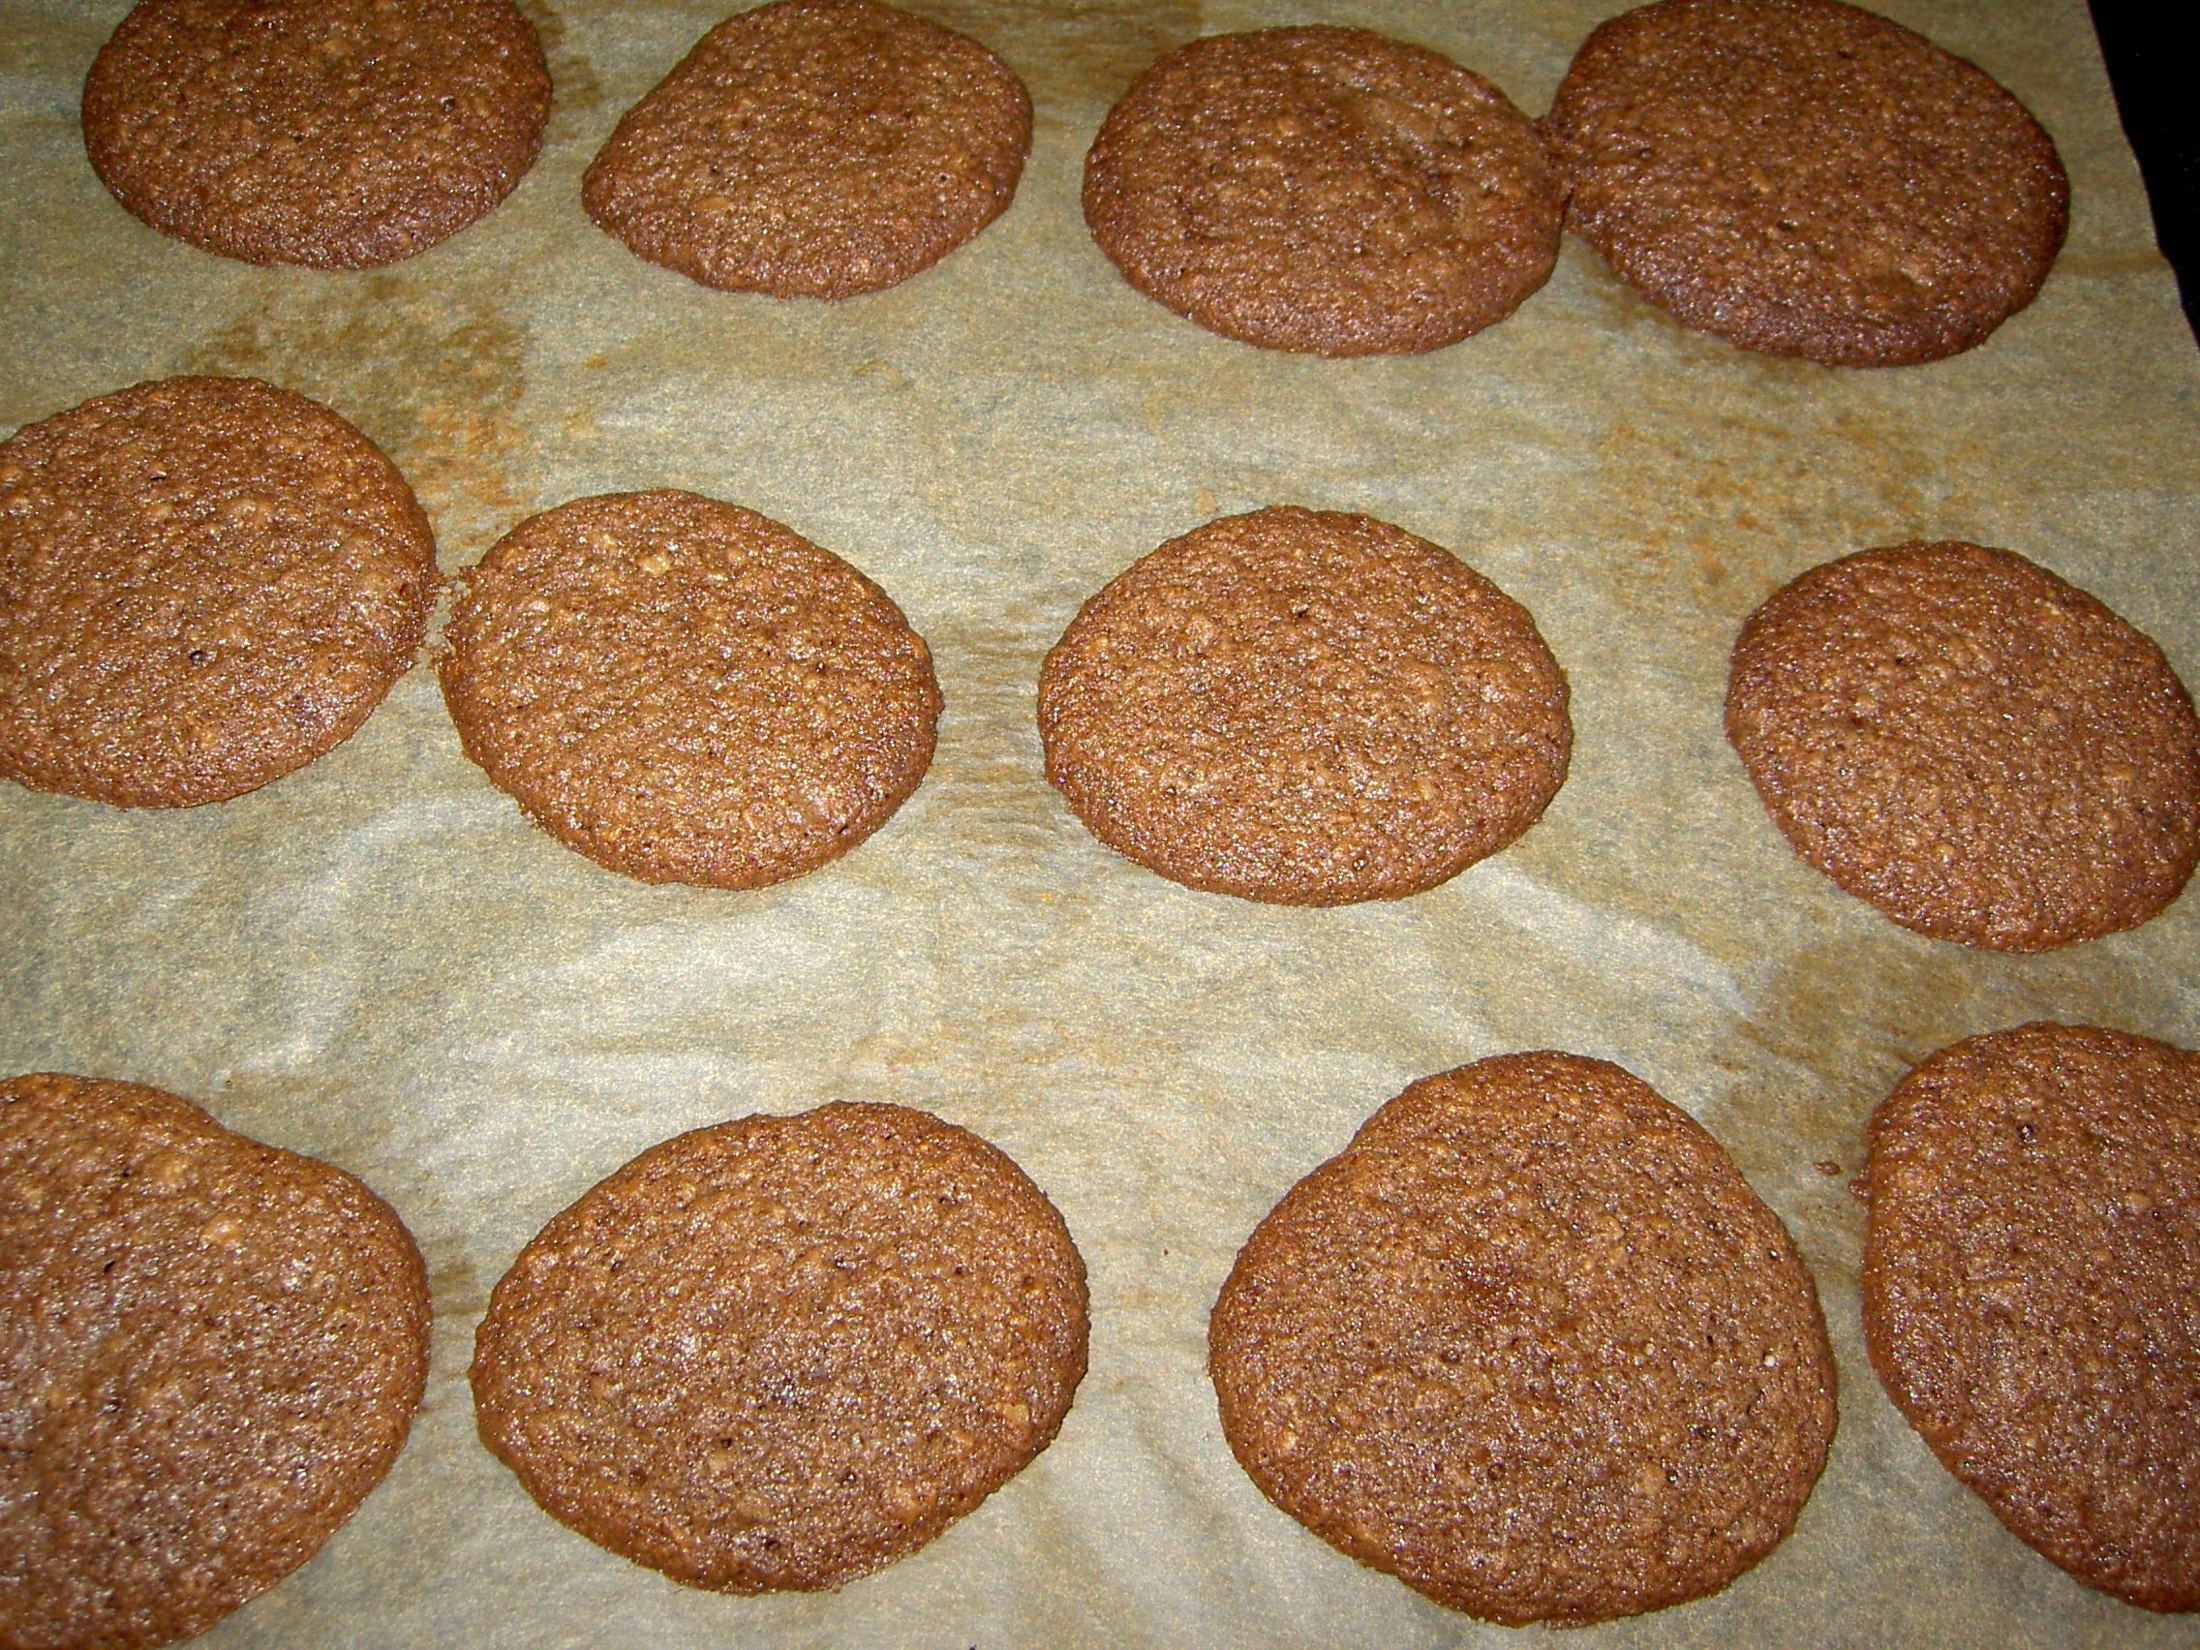 Recept Domácí čokoládové sušenky s vločkami - A takhle vypadají sušenky po upečení.